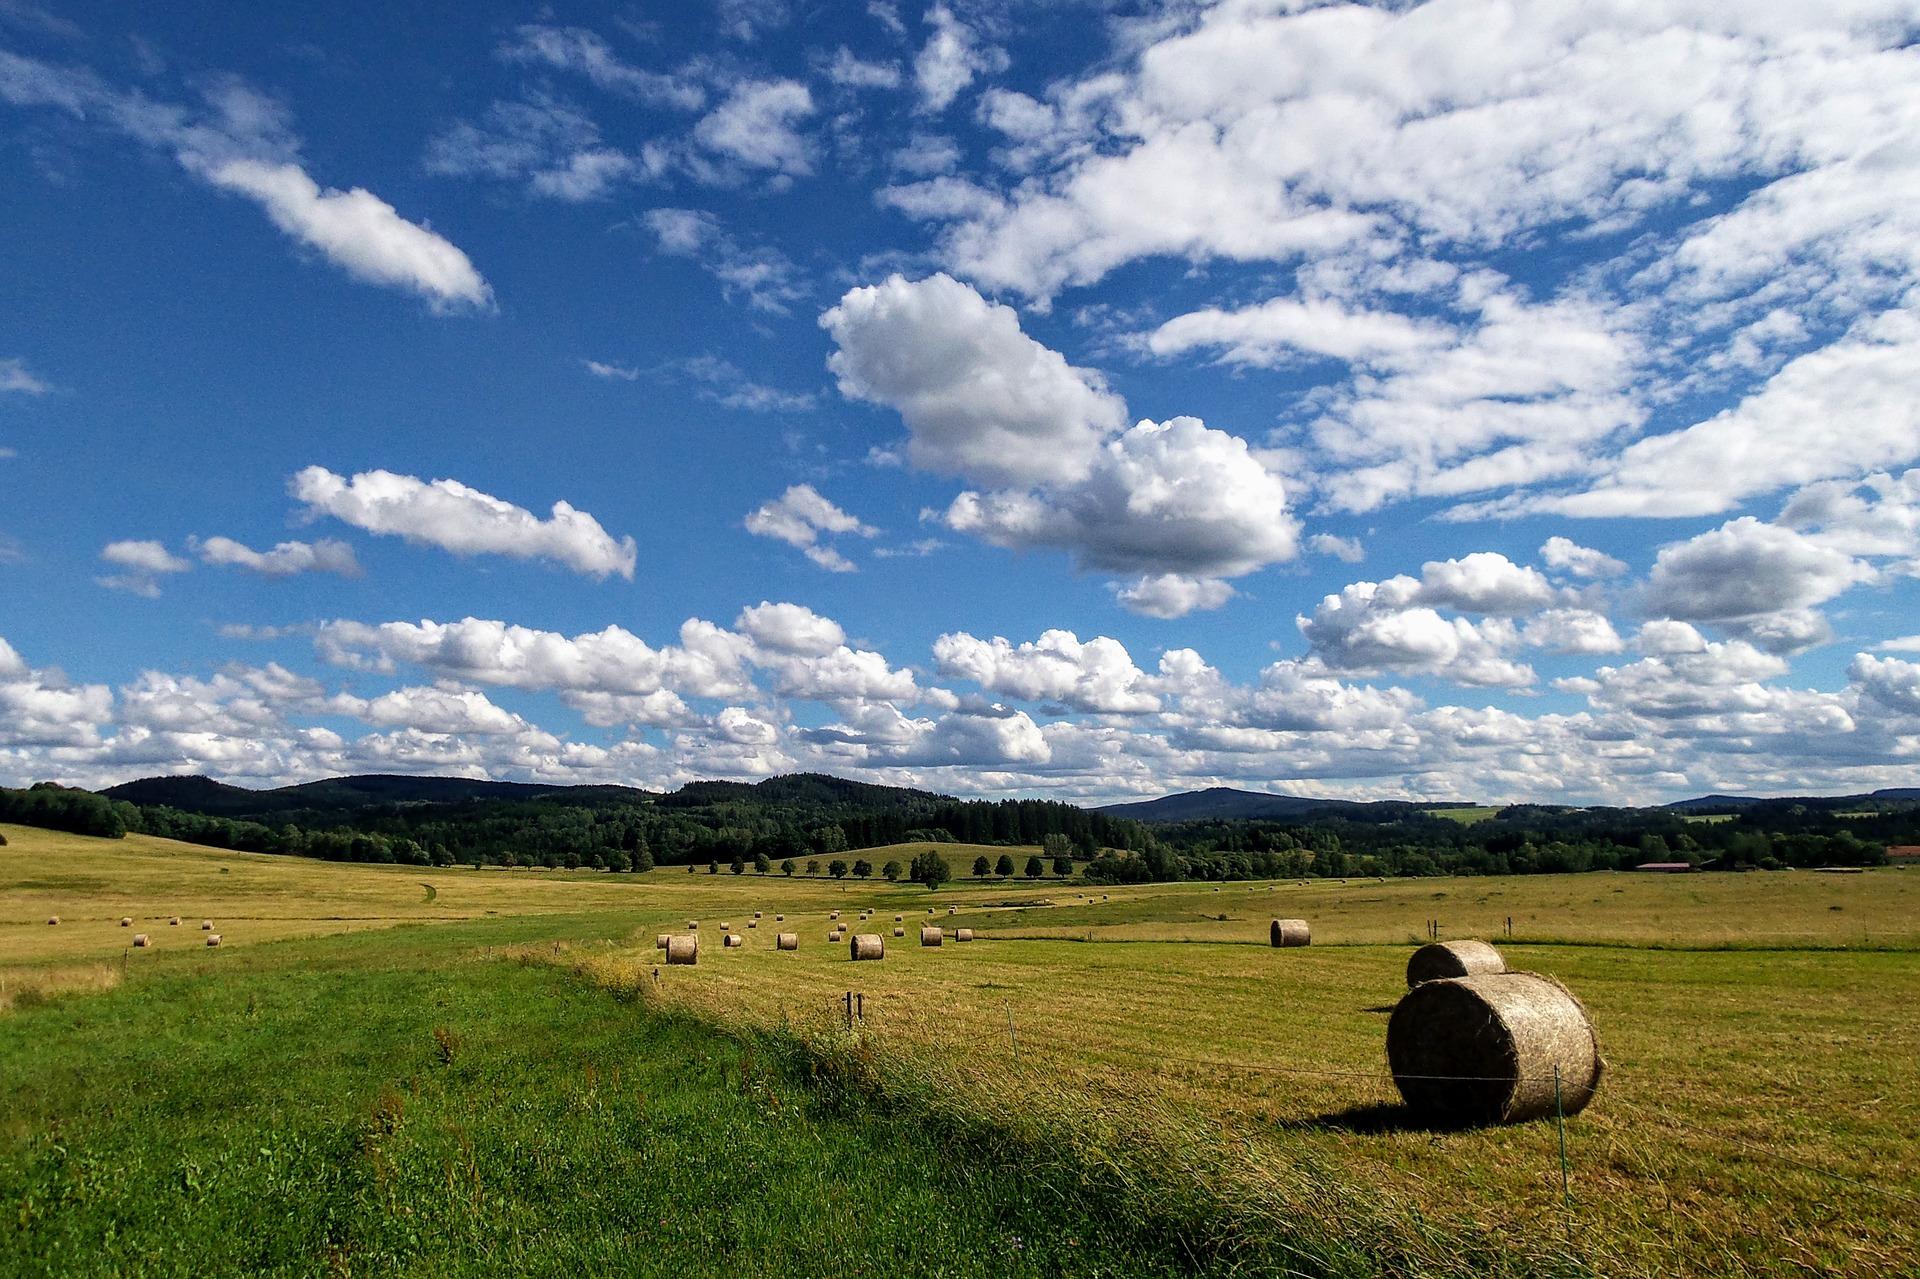 Fozzy Group має намір нарощувати земельний банк